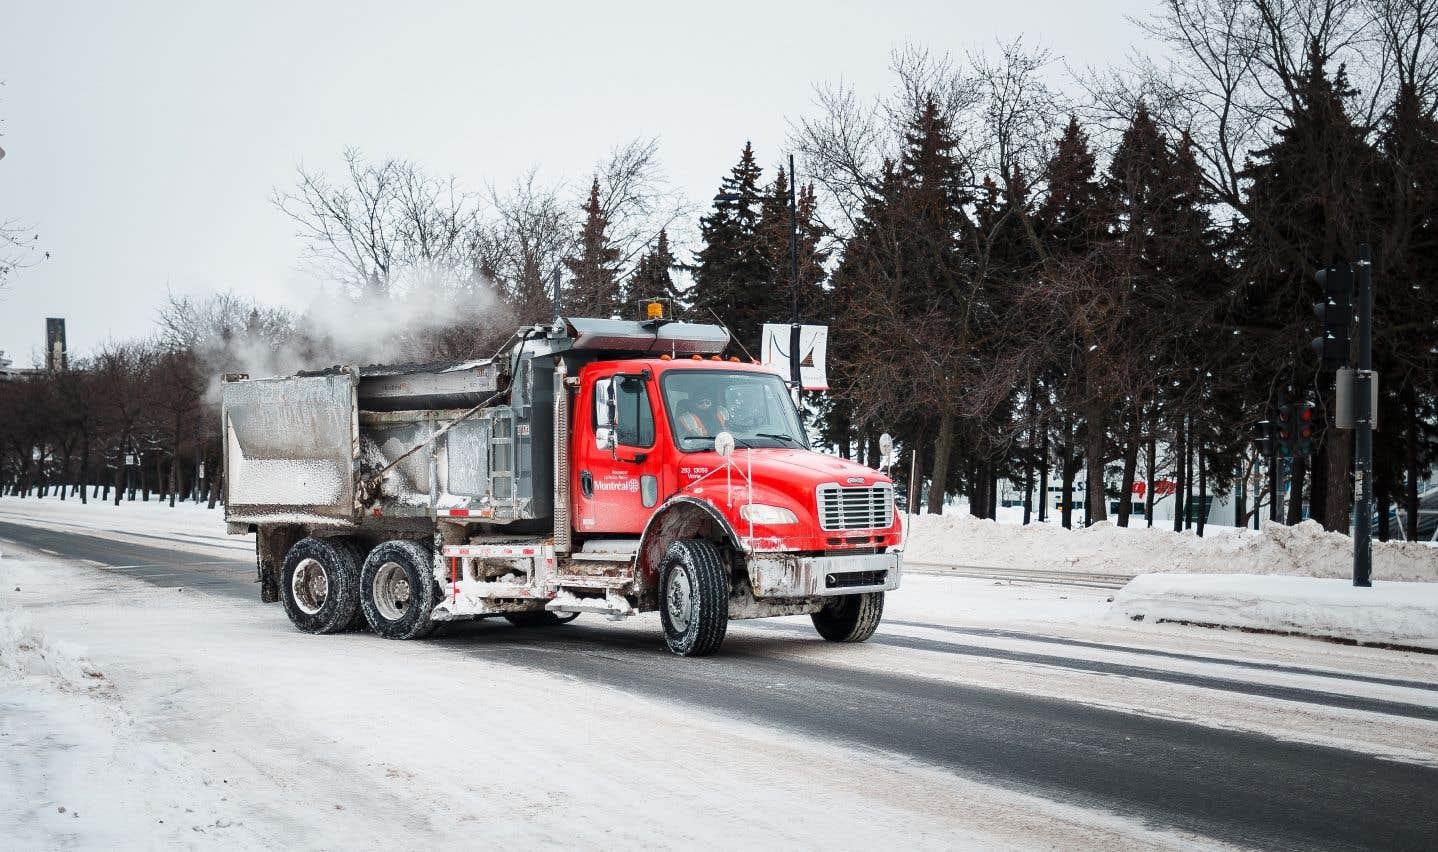 Sur les routes asphaltées, le chlorure de sodium perd ses propriétés déglaçantes à environ -15° Celsius en plus de s'accumuler dans les sols et les puits d'eau potable lors de la fonte des neiges.